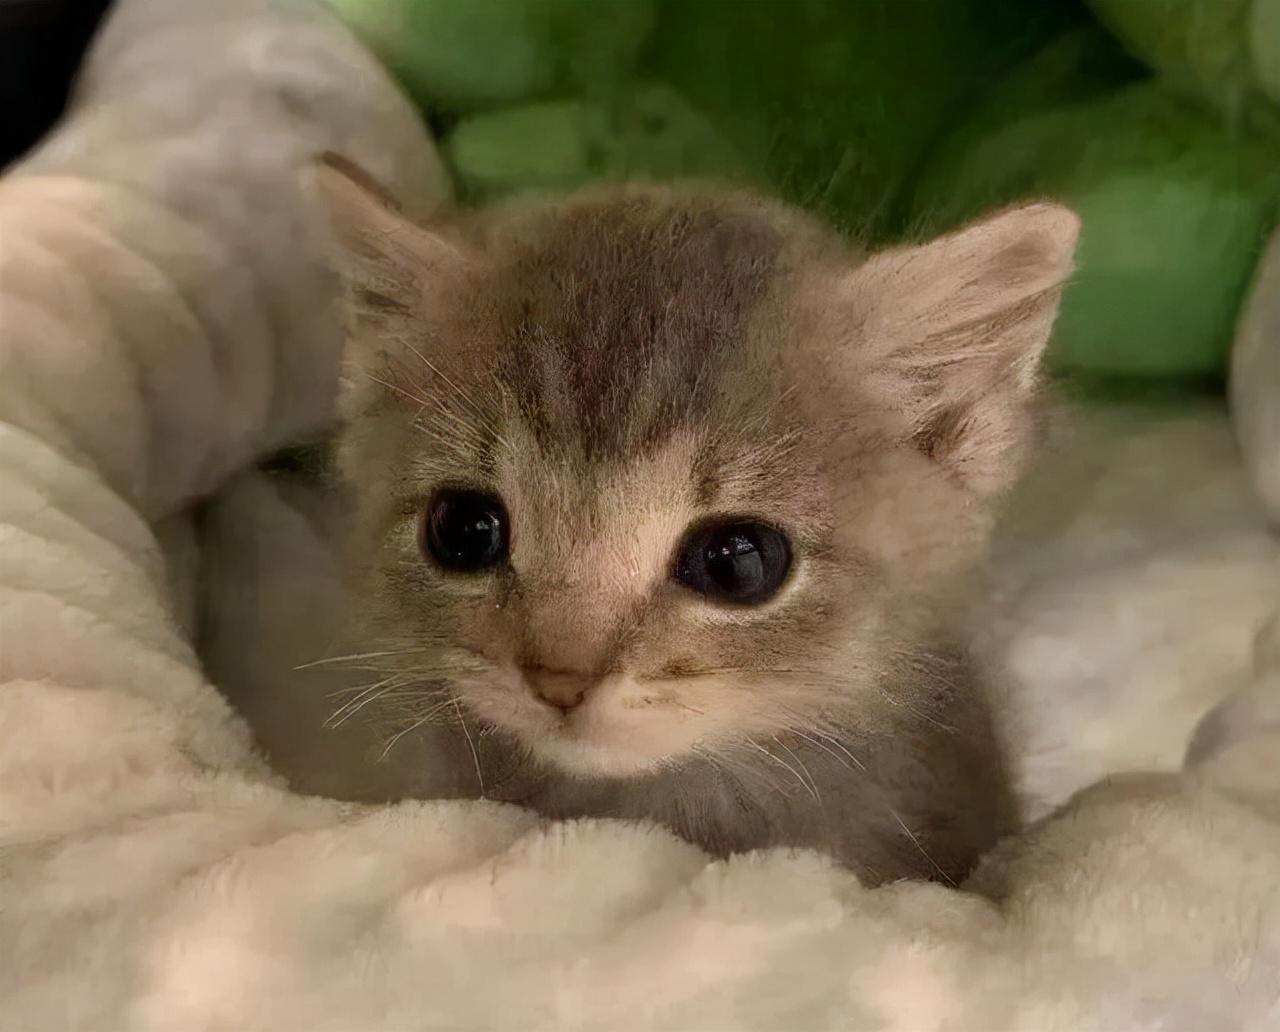 买猫要注意什么(买猫回来需要注意什么)插图(2)